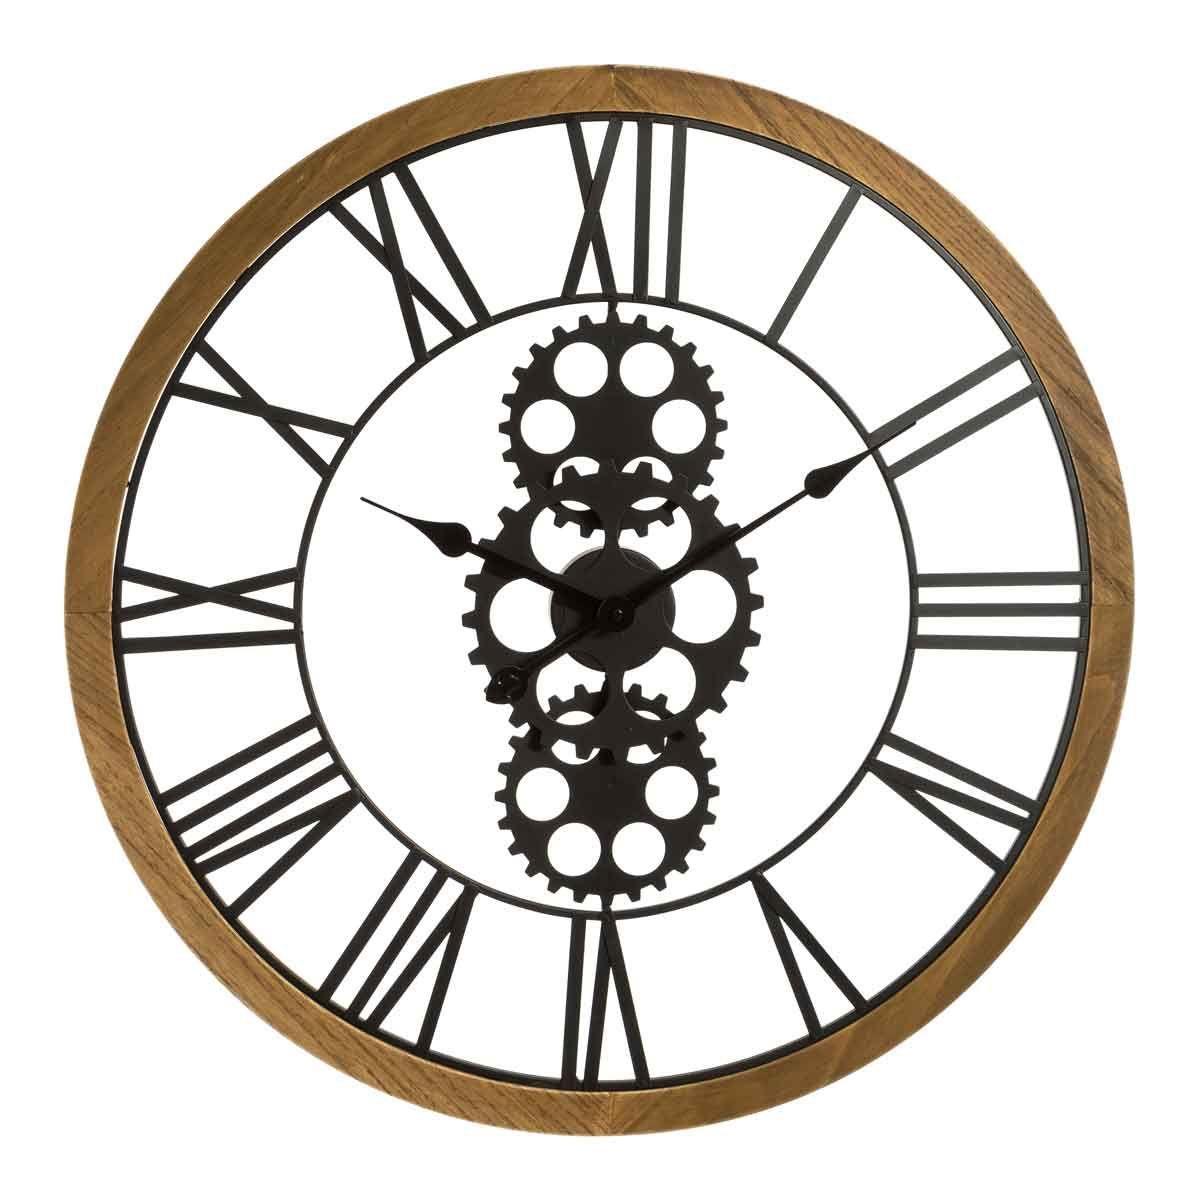 Horloge mécanique en bois et métal